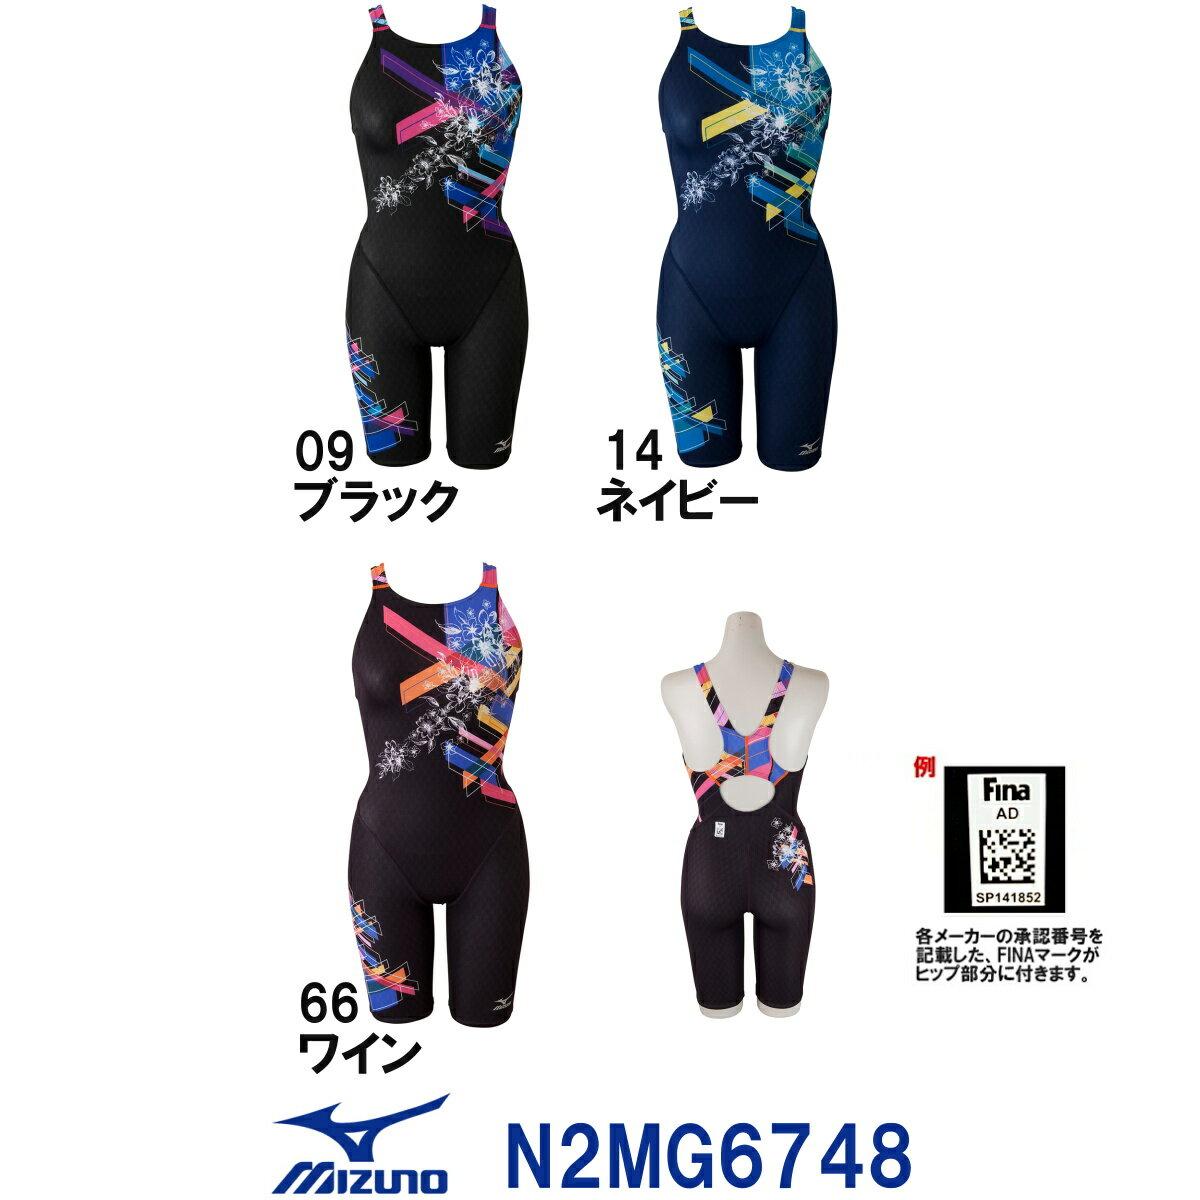 【送料無料】【N2MG6748】MIZUNO(ミズノ) レディース競泳水着 Stream Aqutiva ストリームフィット ハーフスーツ(オープン)[競泳/女性用/FINA承認/背開きタイプ/スパッツ]